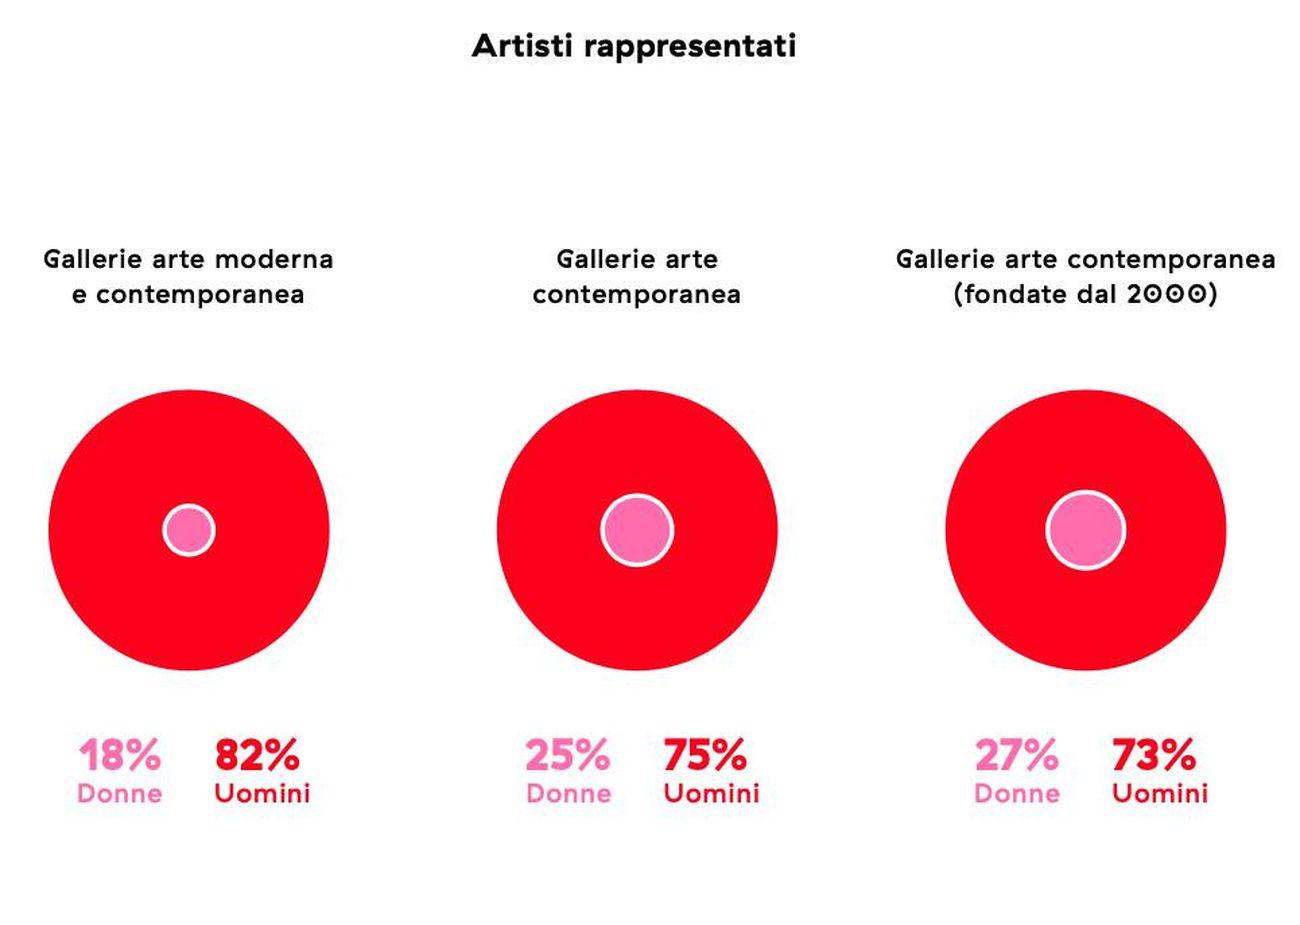 Fonte Donne Artiste in Italia – Presenza e Rappresentazione. NABA Nuova Accademia di Belle Arti, 2018